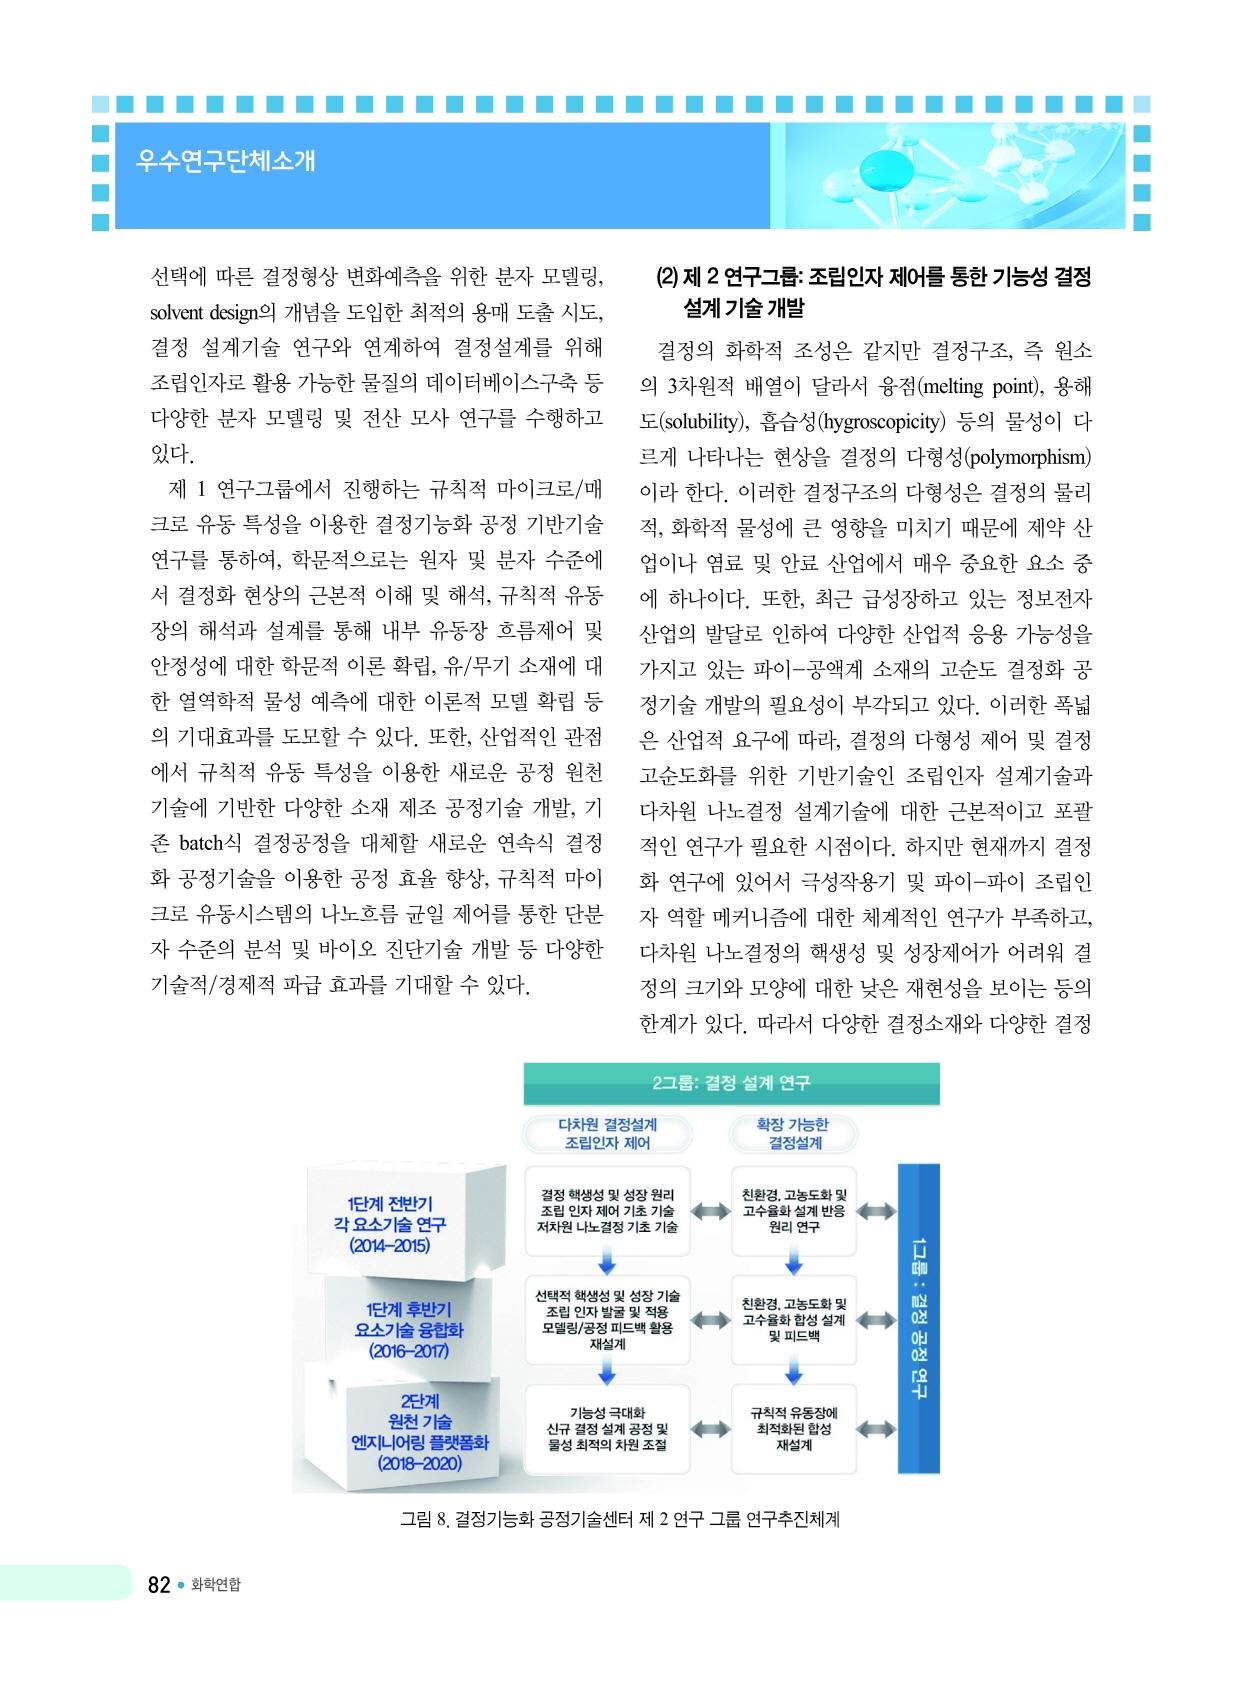 한국화학관련학회연합회_화학연합 8권1호_우수연구단체소개_5.jpg